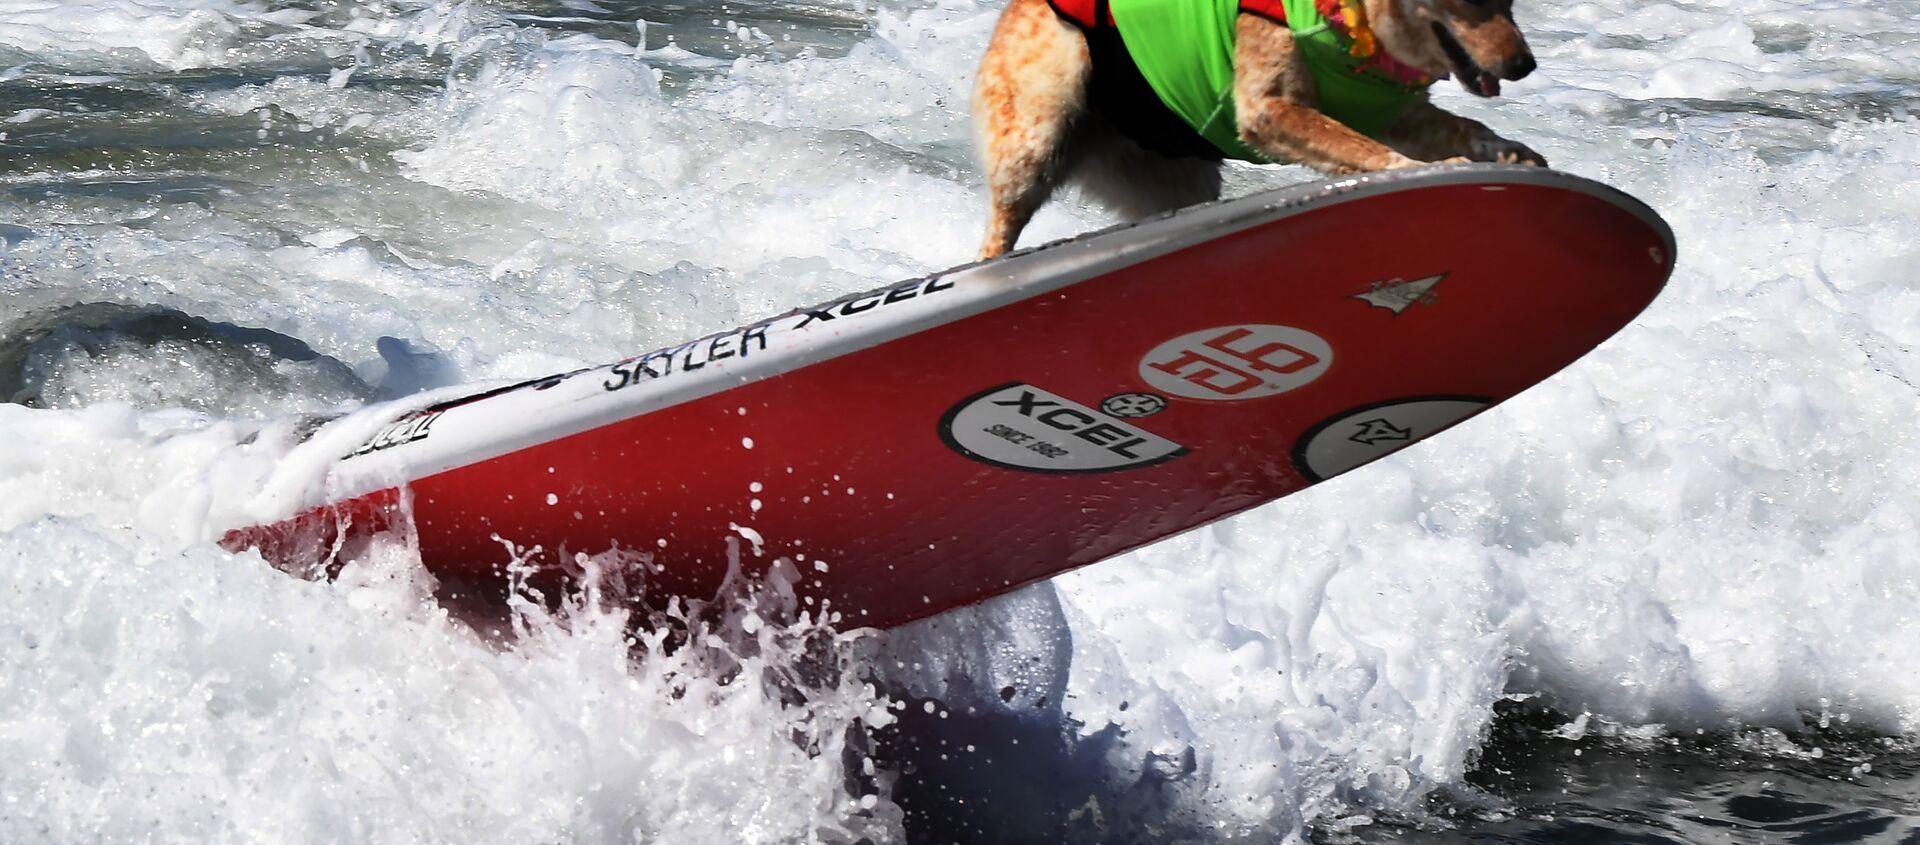 Чемпионат по собачьему серфингу Surf City Surf Dog прошел на калифорнийском пляже Хантингтон-Бич 23 сентября. На фото: пес Скайлер - Sputnik Латвия, 1920, 22.09.2020